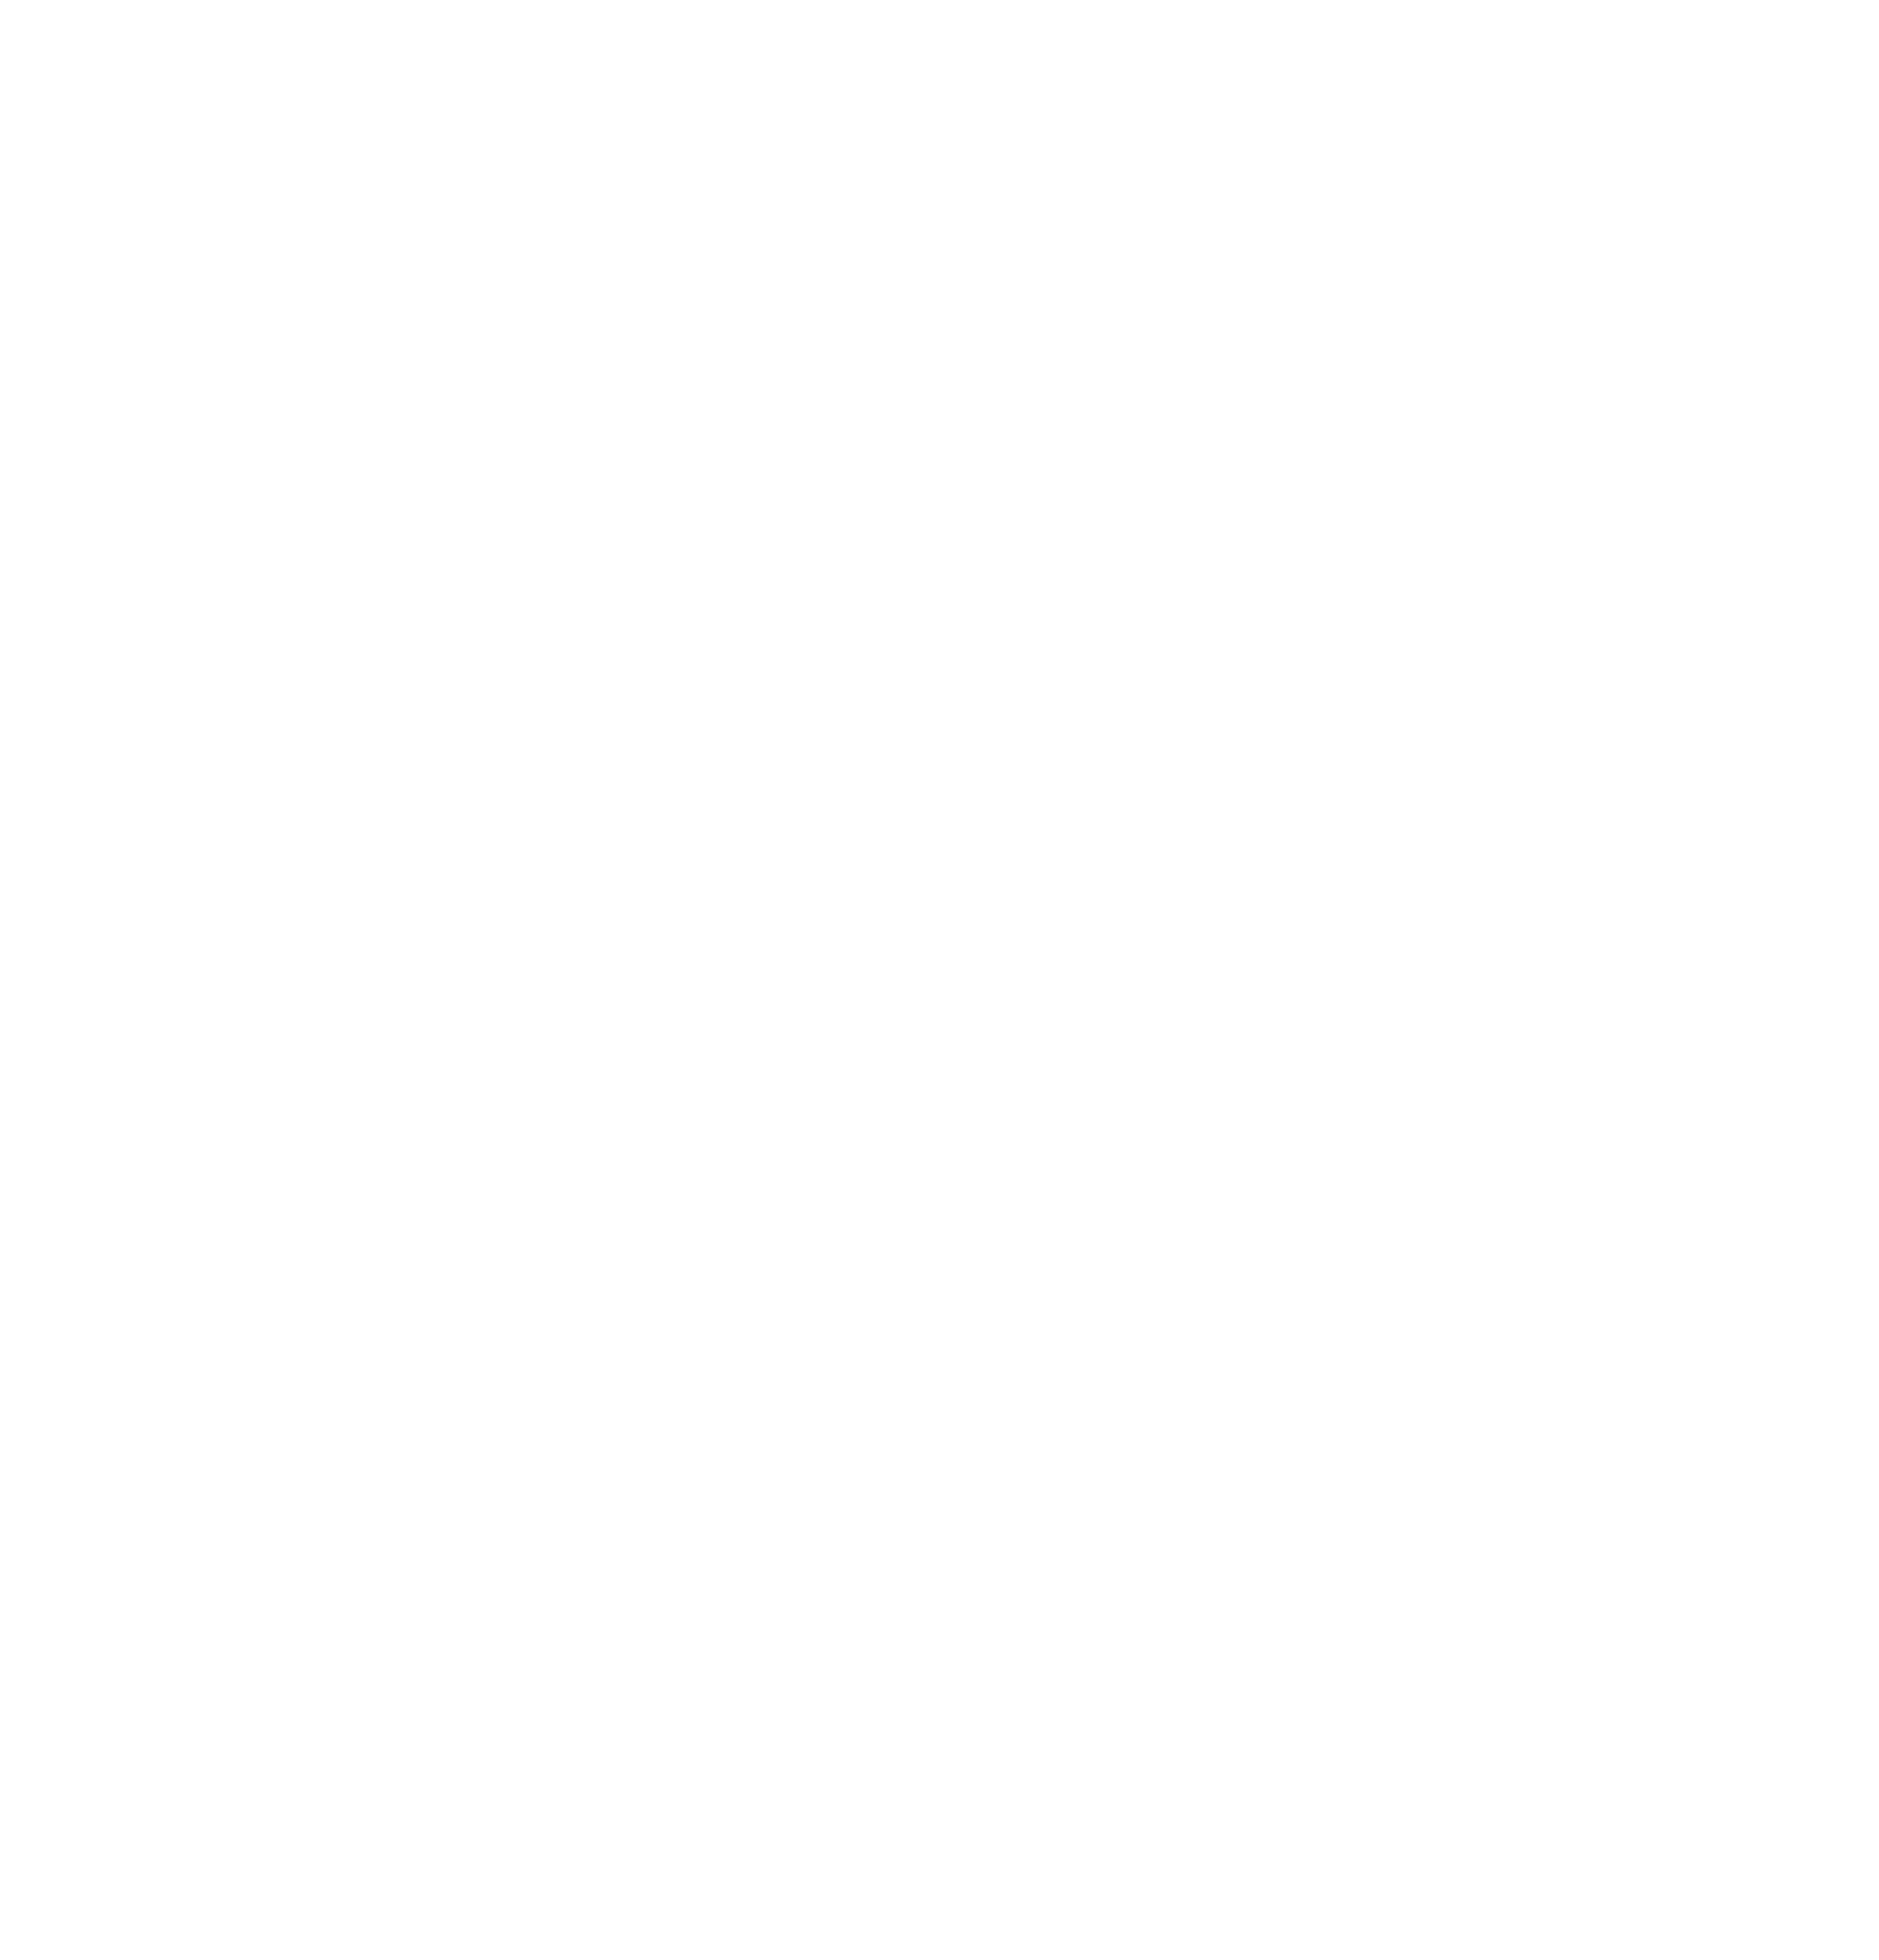 Rio Olo